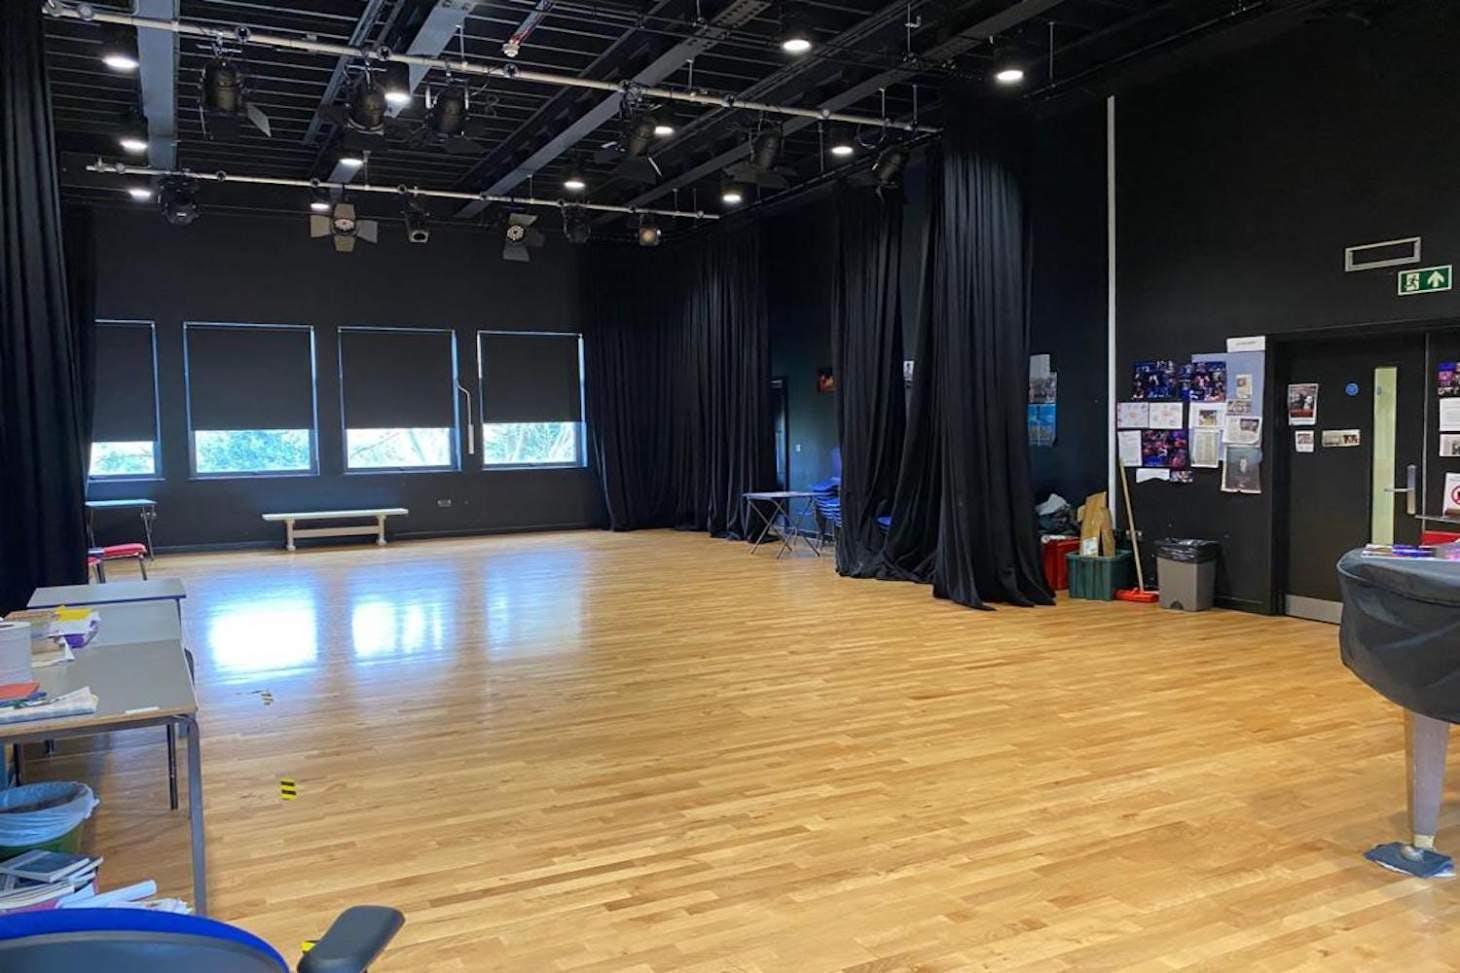 La Sainte Union School Drama studio space hire